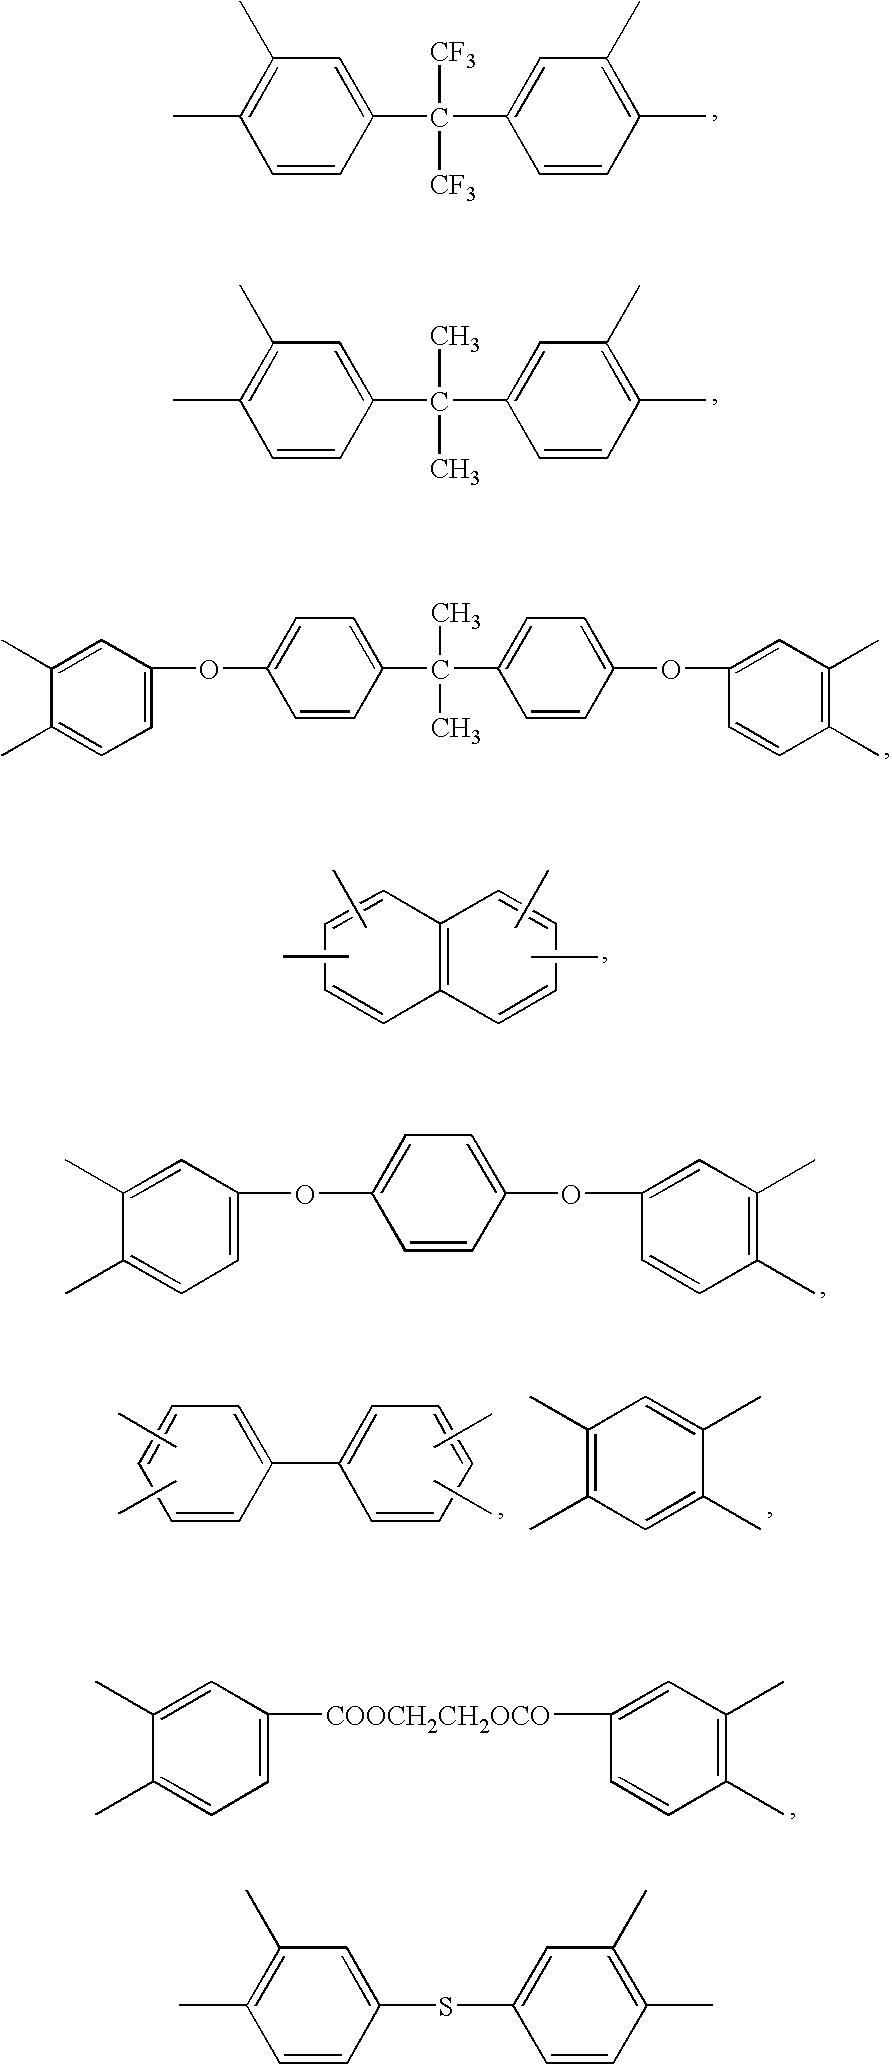 Figure US08127937-20120306-C00004